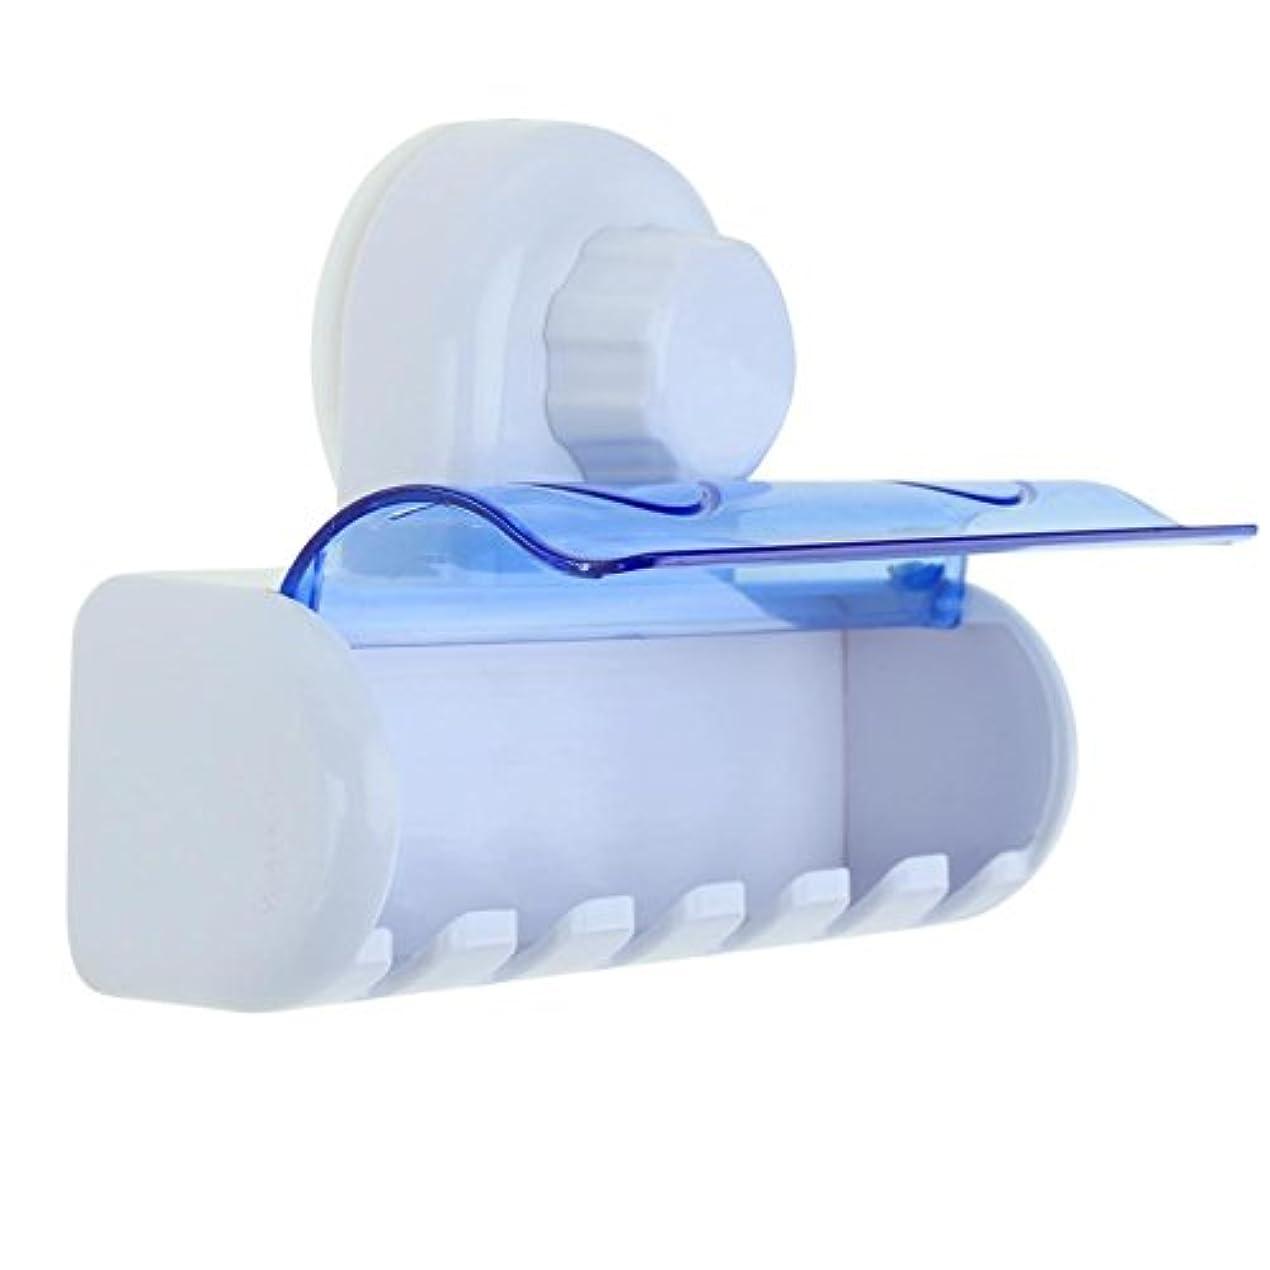 ビーチ留まる韻Demiawaking 強力吸盤付き ハブラシラック 歯ブラシ6本収納対応 取り付け簡単 壁掛け ハブラシホルダー